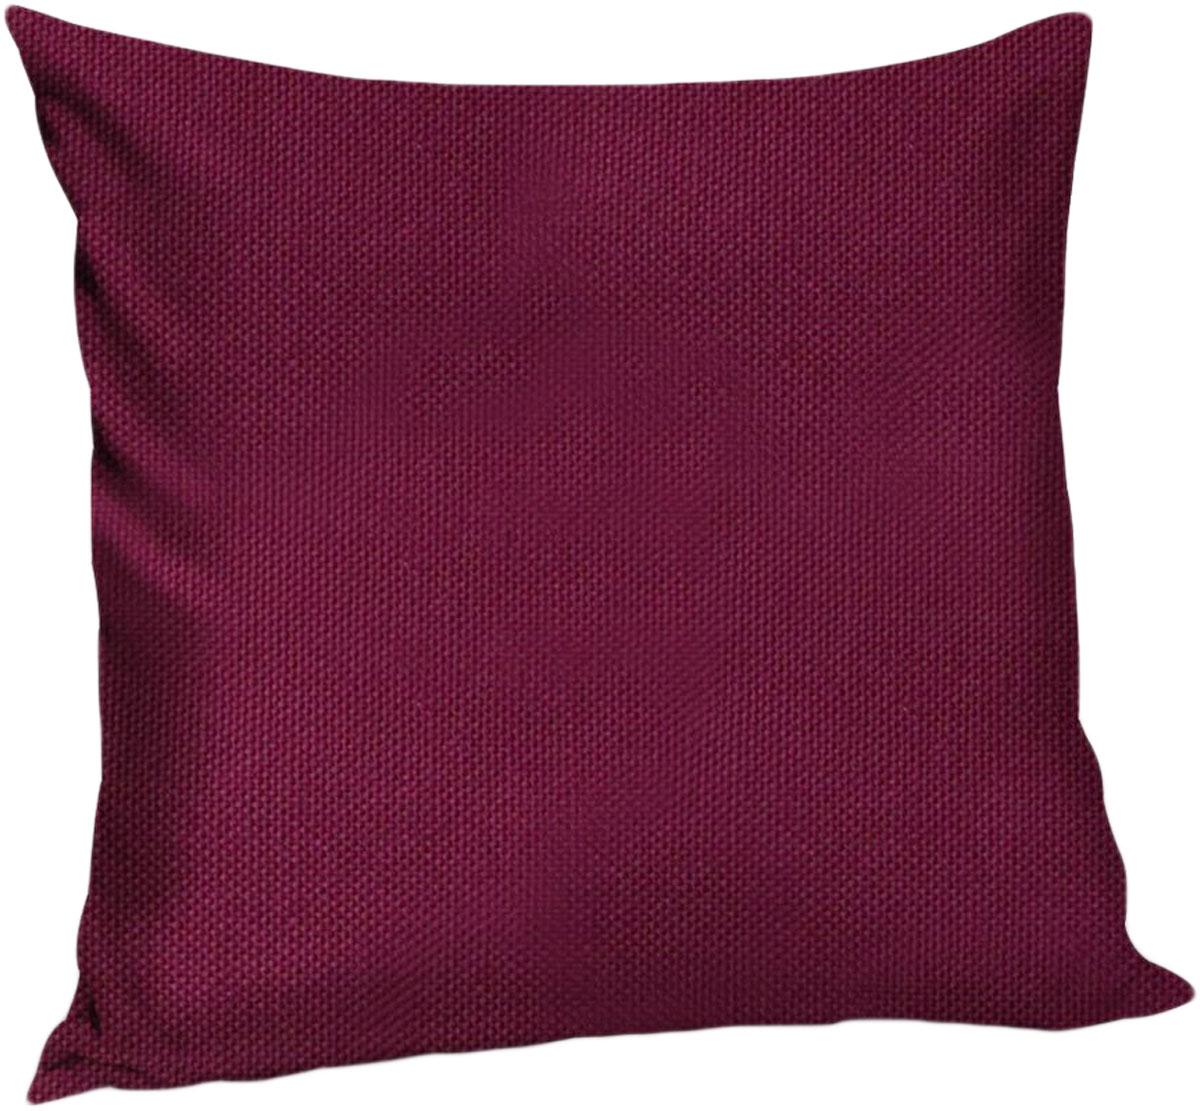 """Декоративная подушка """"Комо"""" прекрасно дополнит интерьер спальни или гостиной. Чехол  подушки выполнен из лонеты. Внутри находится мягкий наполнитель. Чехол легко снимается  благодаря потайной молнии."""